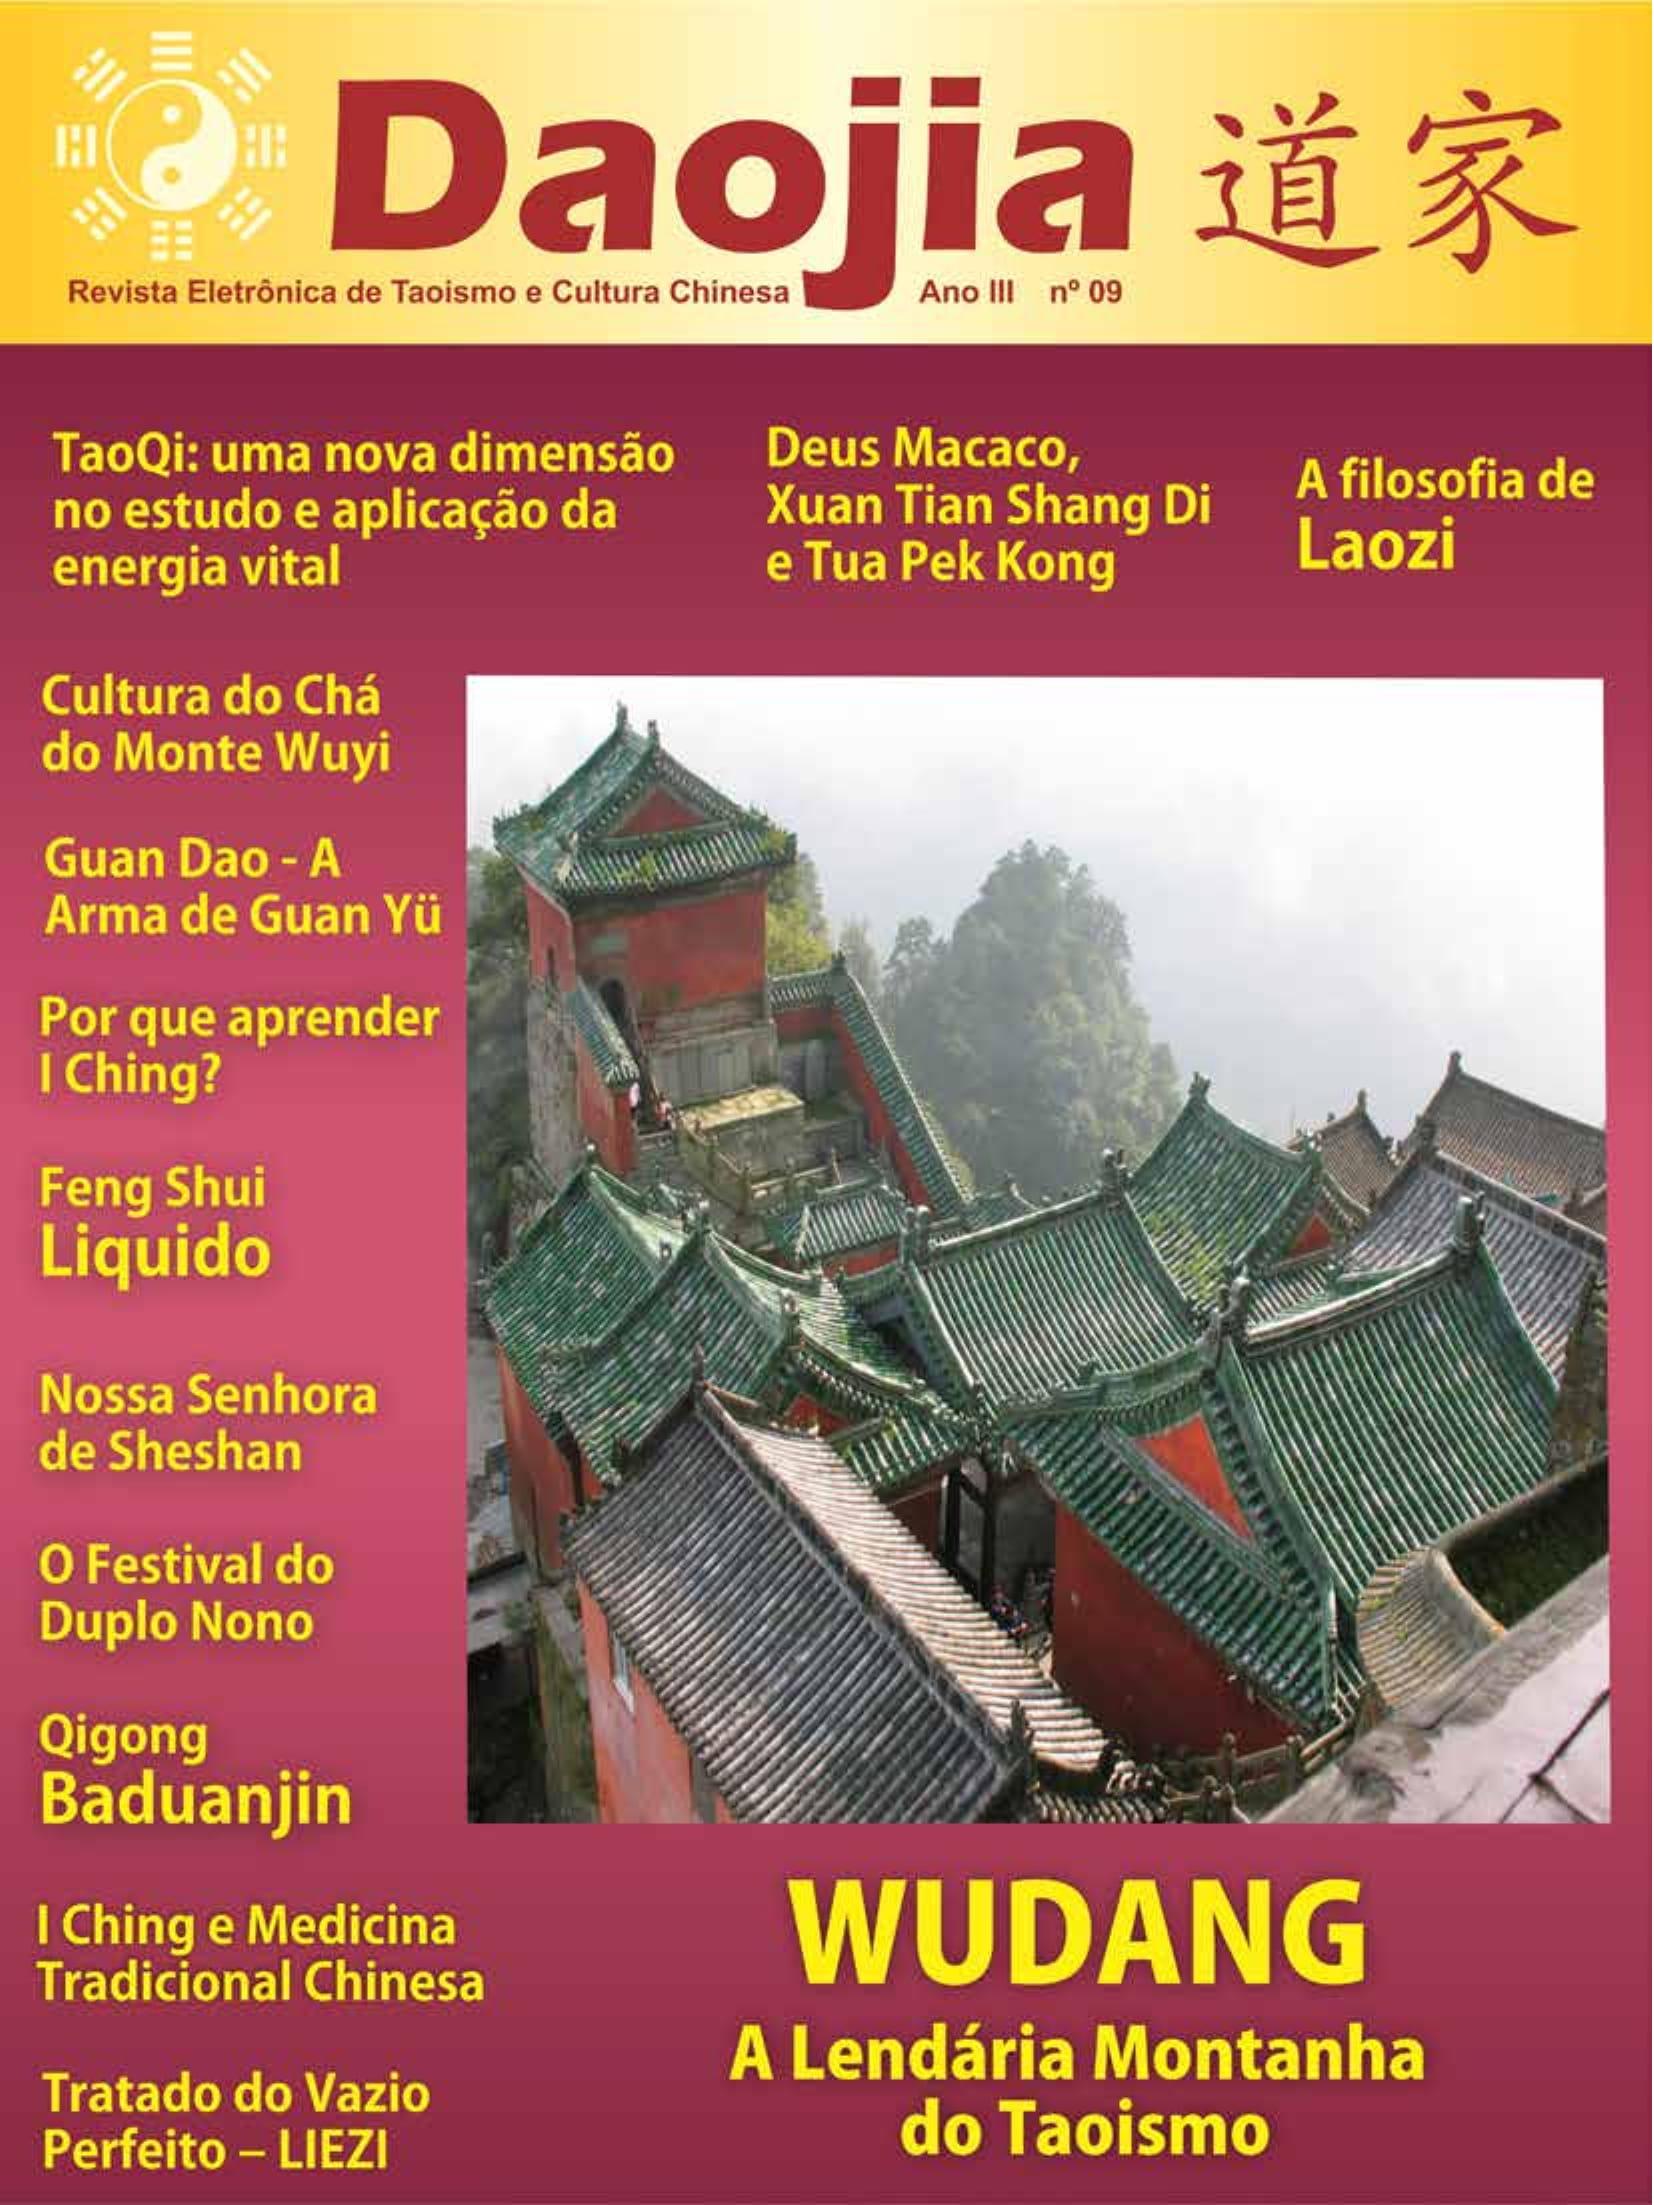 Daojia 9 – Revista Eletrônica de Taoismo e Cultura Chinesa